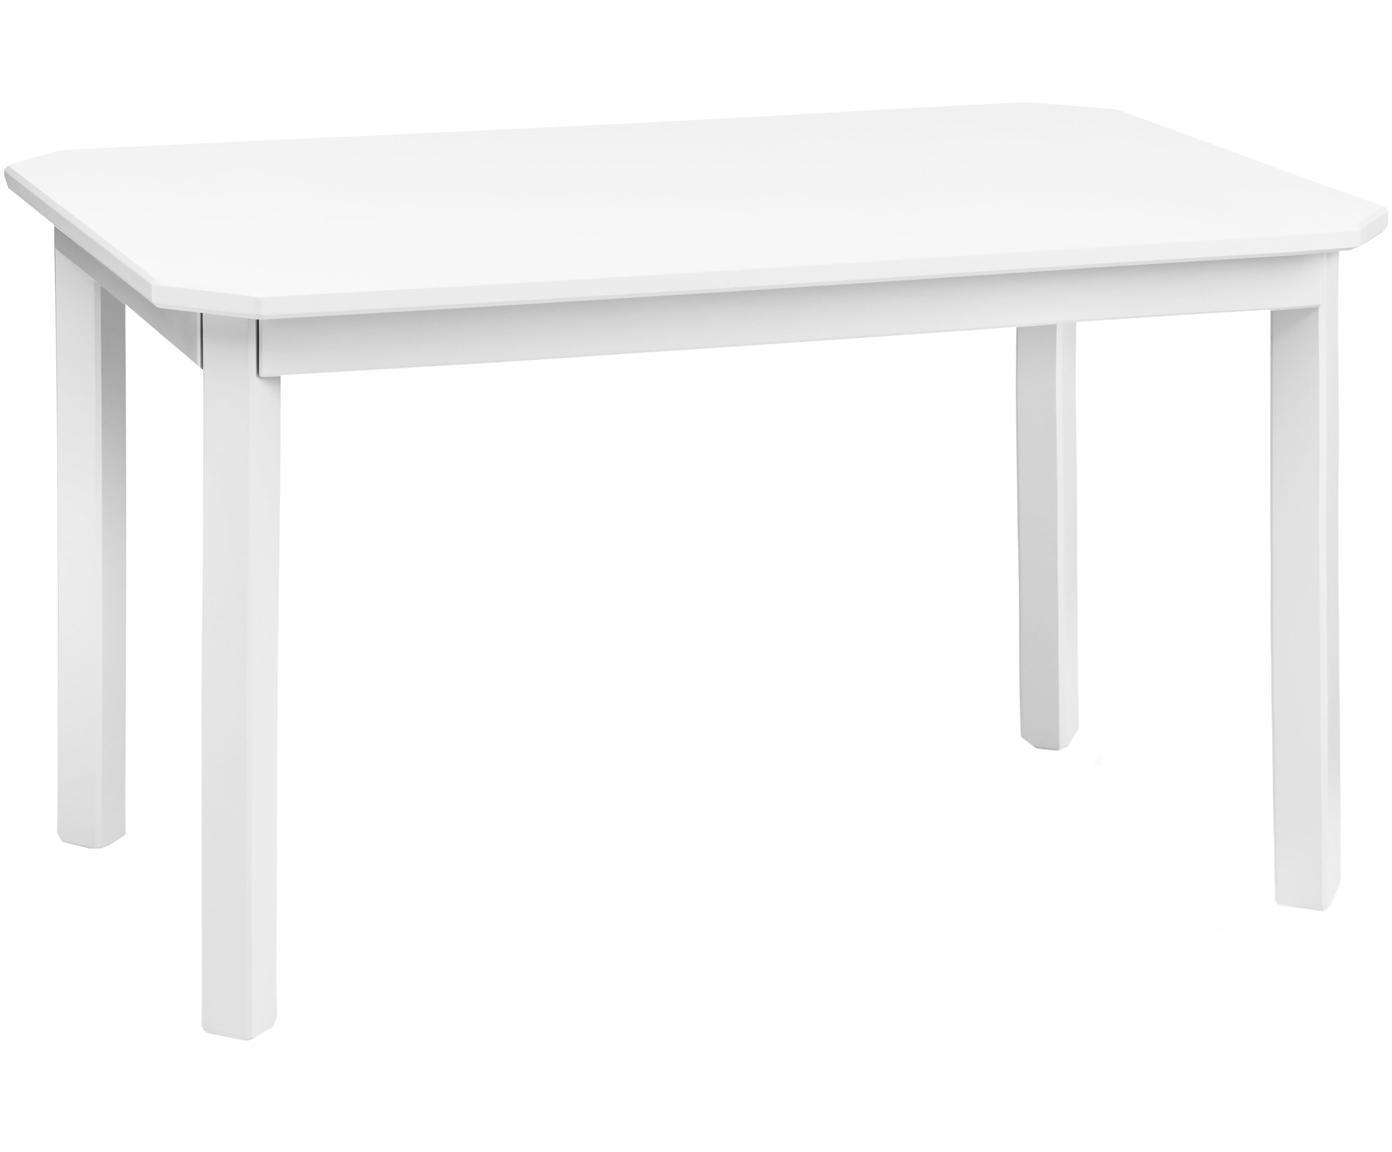 Kindertisch Harlequin, Birkenholz, Mitteldichte Holzfaserplatte (MDF), lackiert, Weiß, 79 x 47 cm